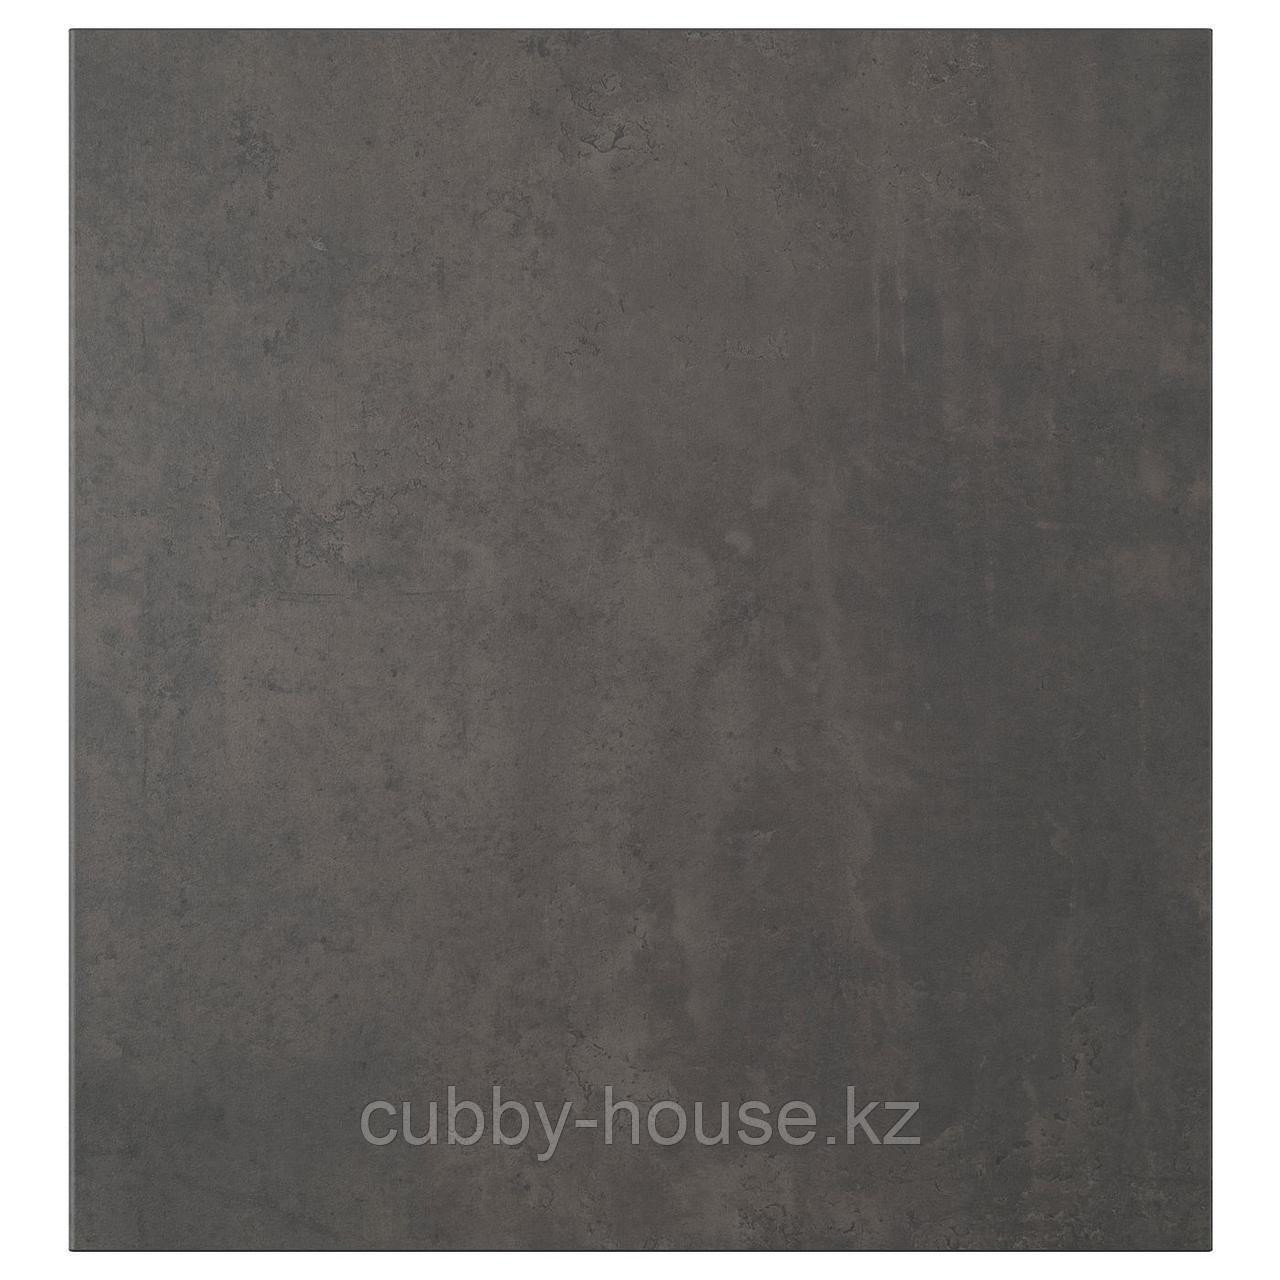 КЭЛЛЬВИКЕН Дверь, темно-серый под бетон, 60x64 см